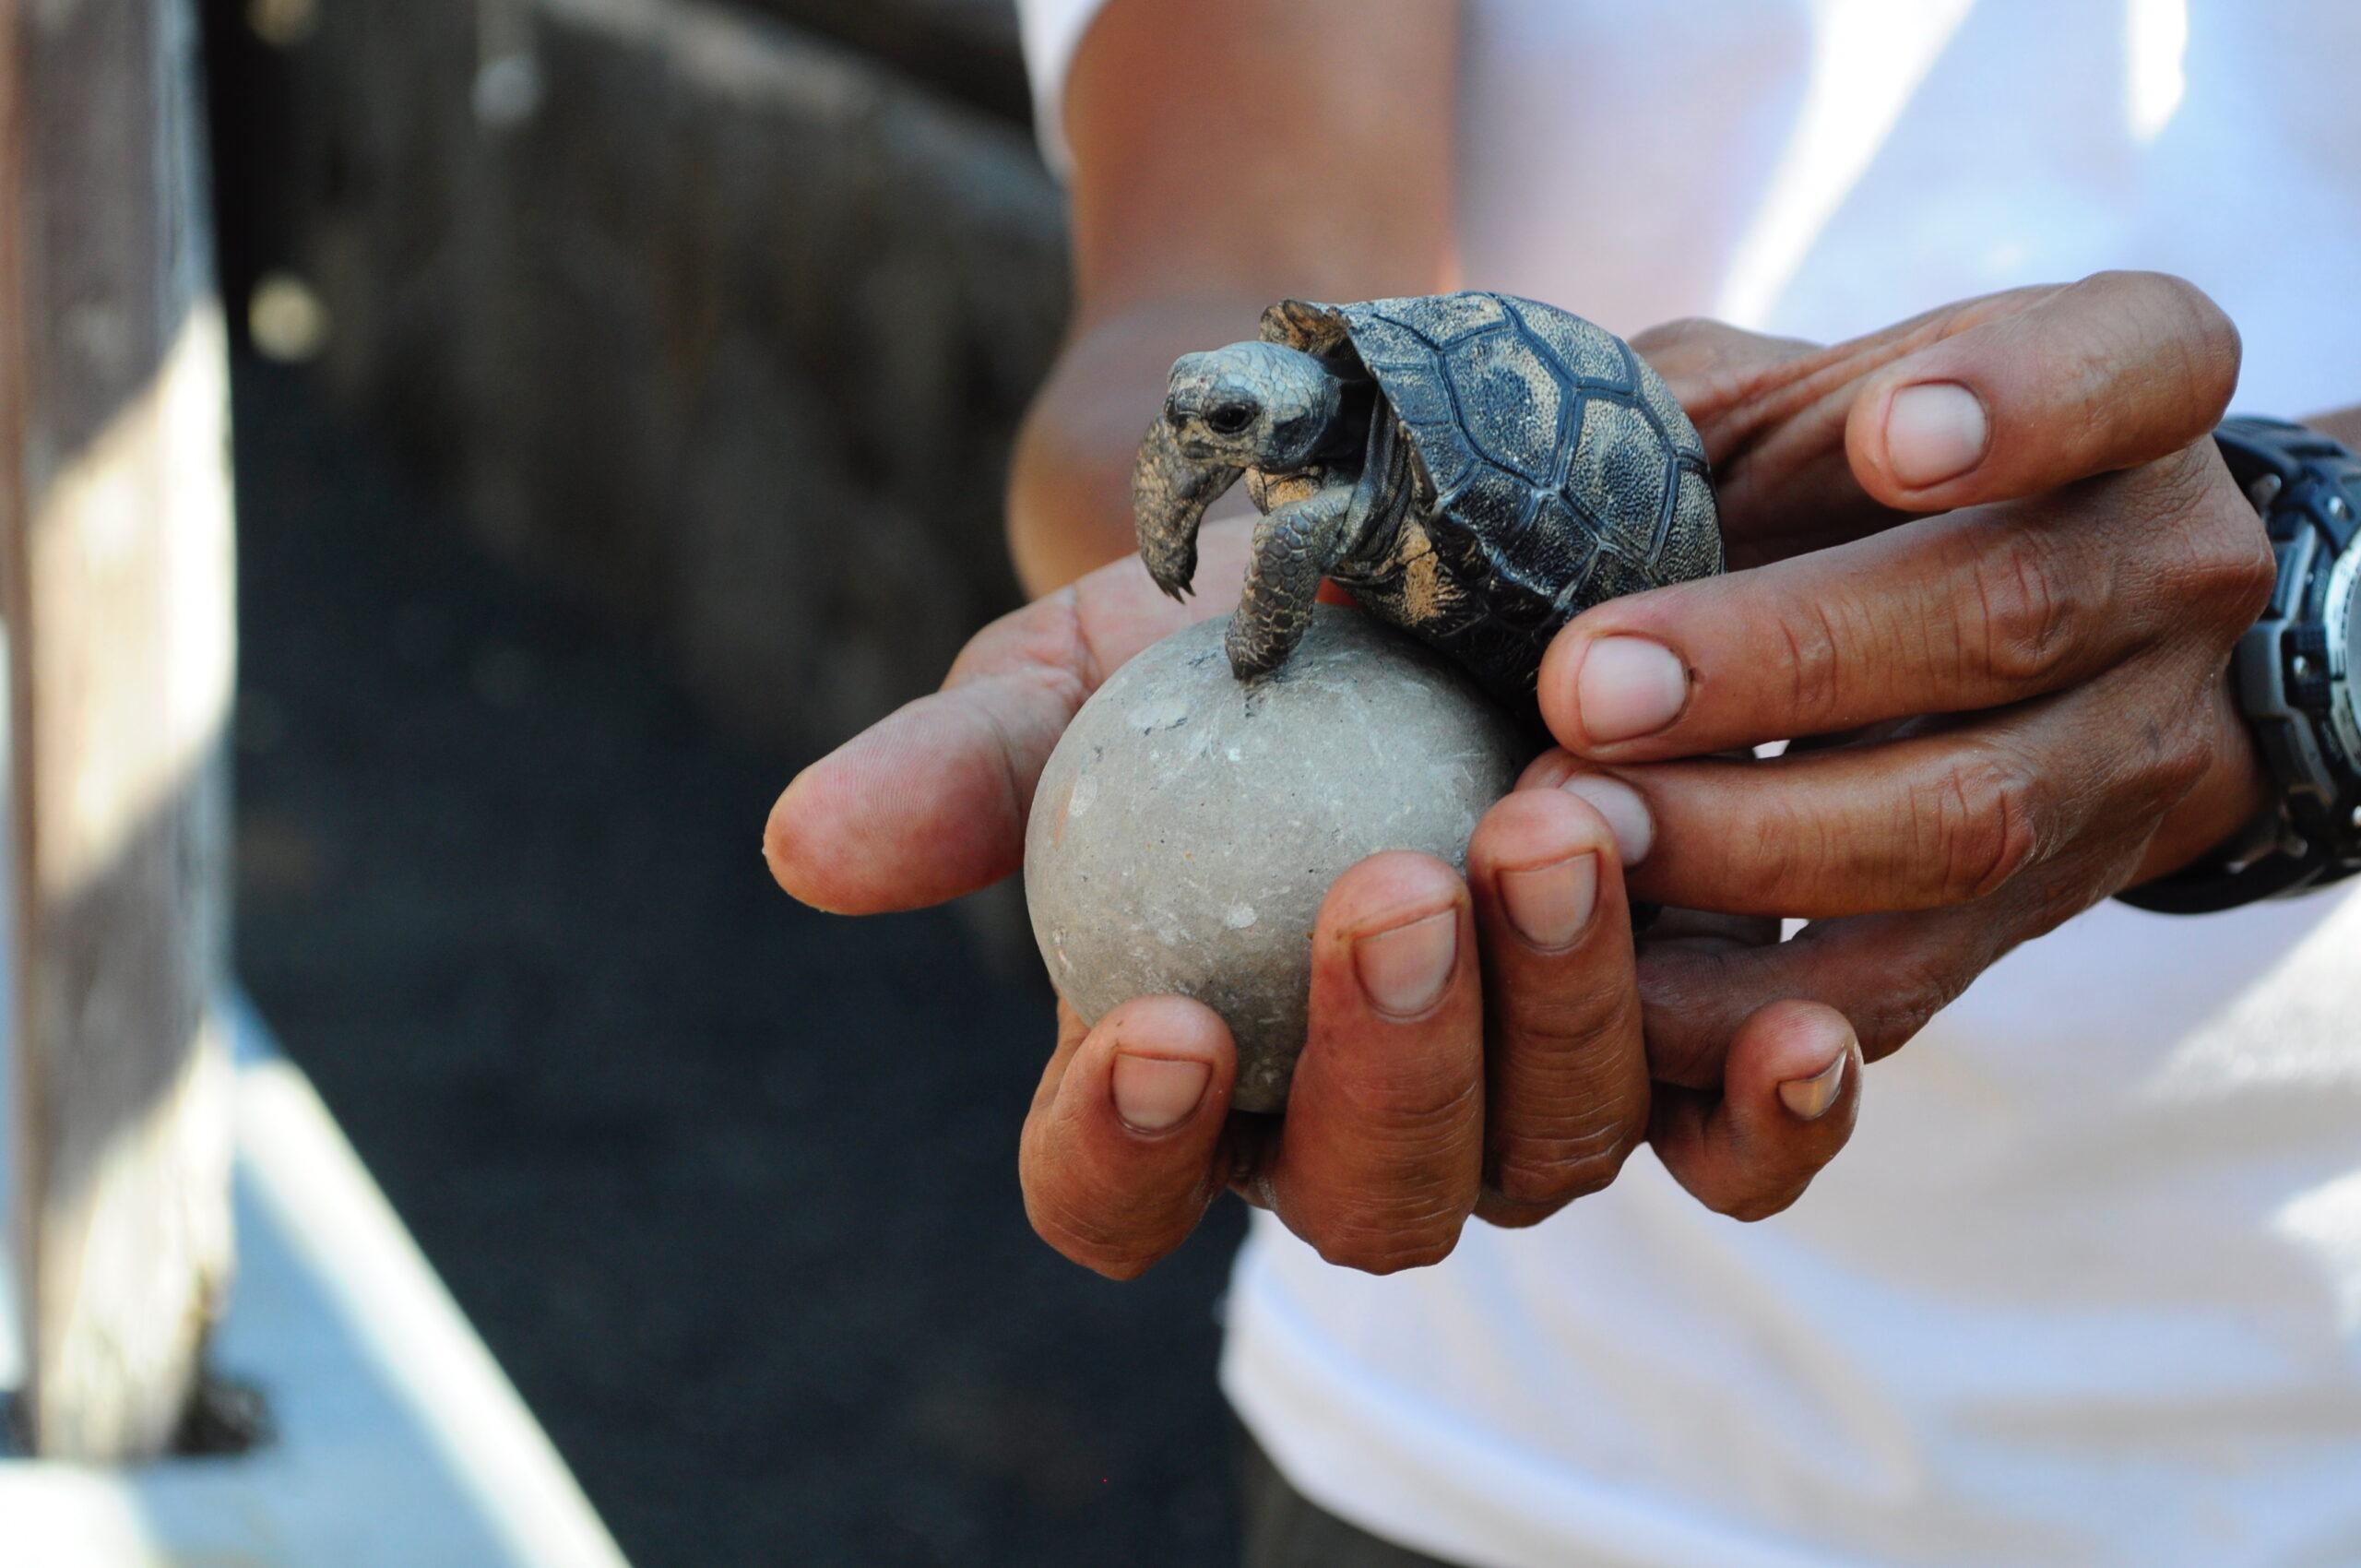 Reise in Galapagos und Ecuador in Südamerika. Eine kleine Baby Schildkröte ist frisch aus ihrem Ei geschlüpft.